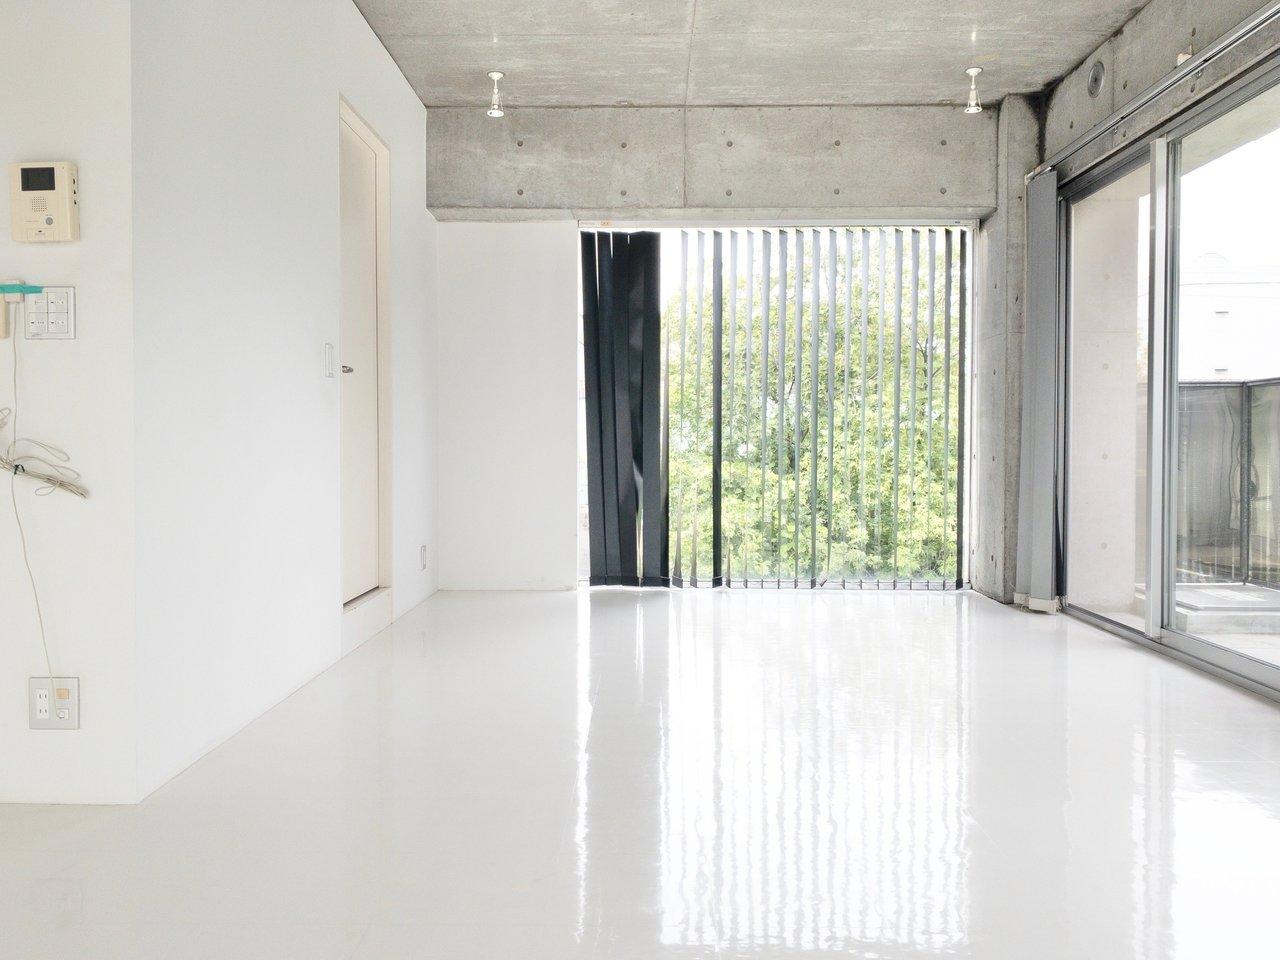 窓から見える景色がくっきり映るほど、綺麗な白い床。